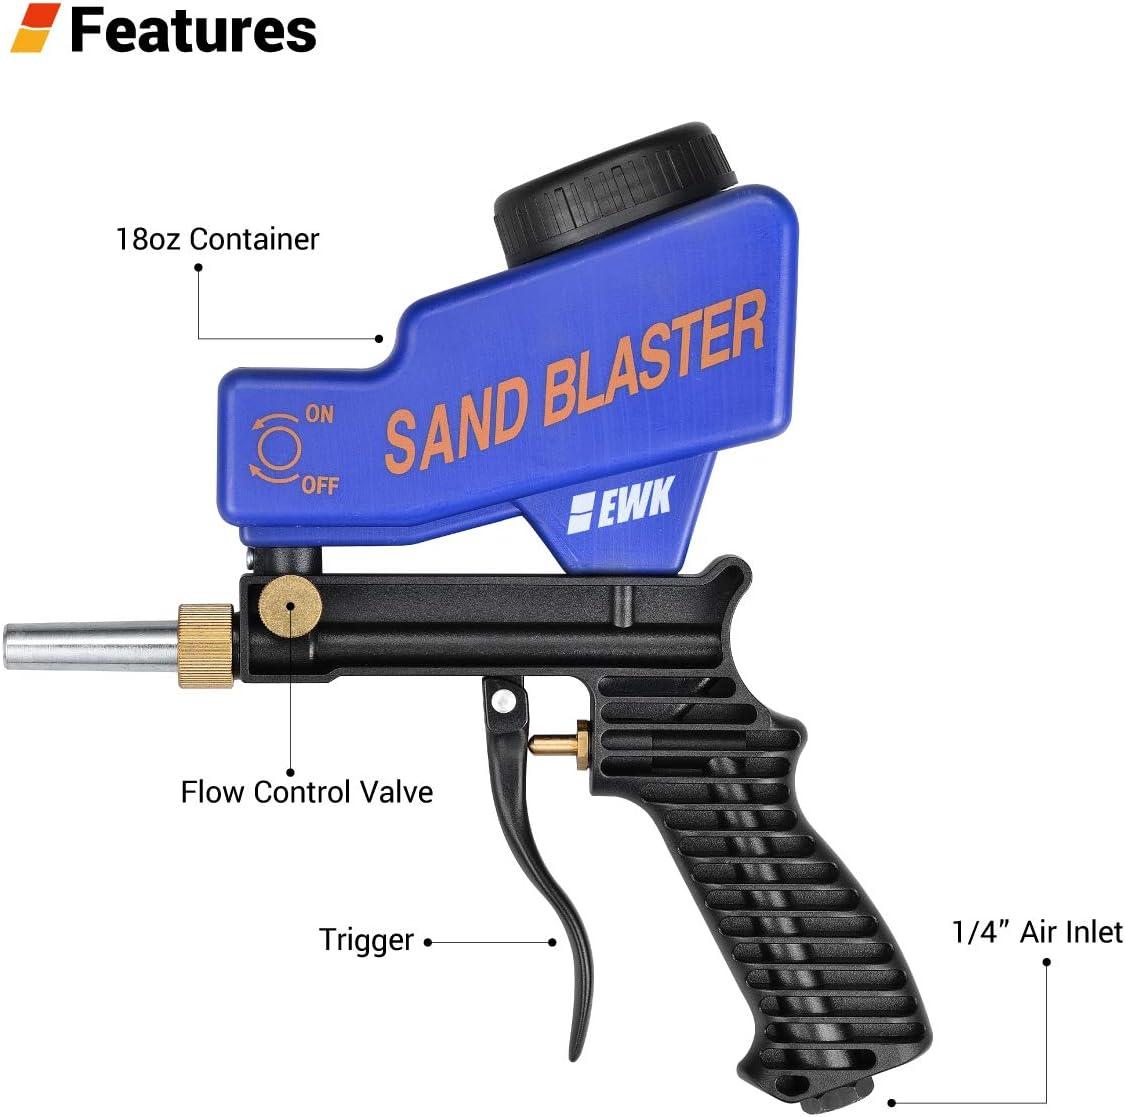 alimentaci/ón por gravedad aire de chorro de arena pistola abrasiva Pistola de chorro de arena